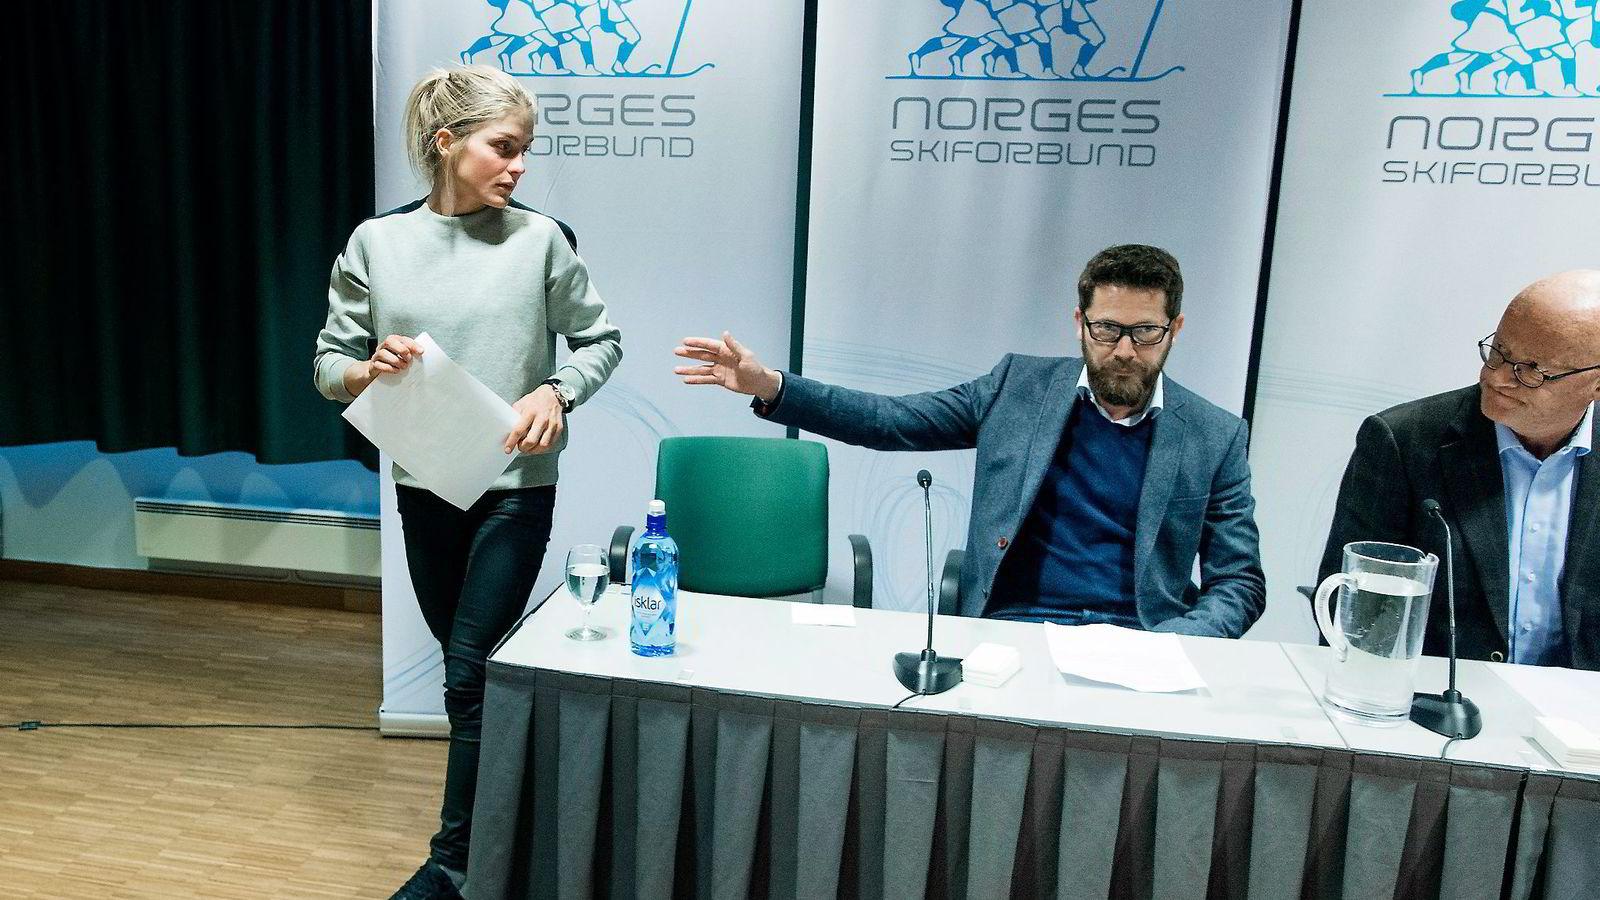 Therese Johaug (fra venstre), kommunikasjonssjef i Norges Skiforbund Espen Graff og lege Fredrik Bendiksen. Foto: Håkon Mosvold Larsen/